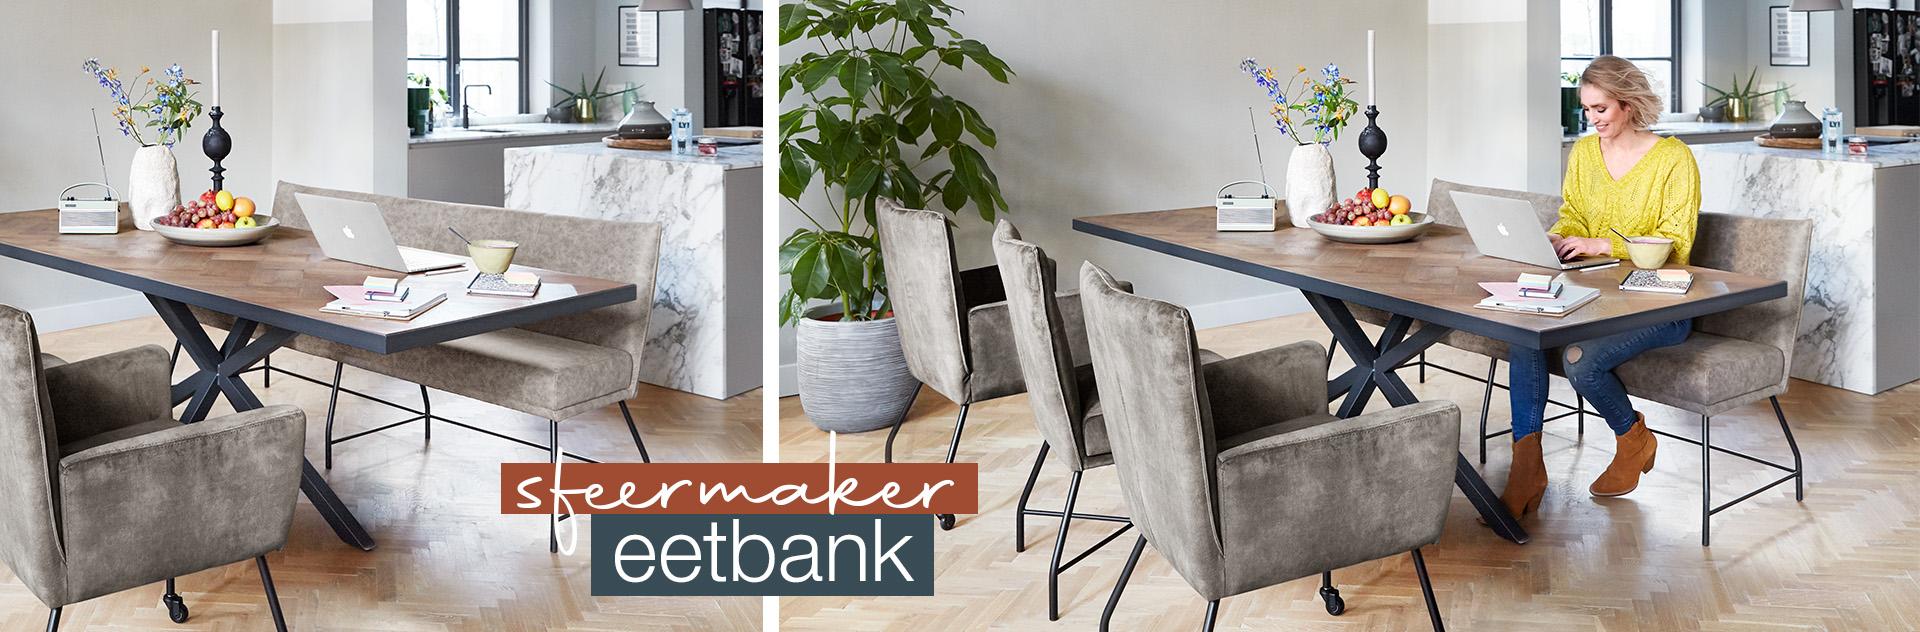 Eetbank